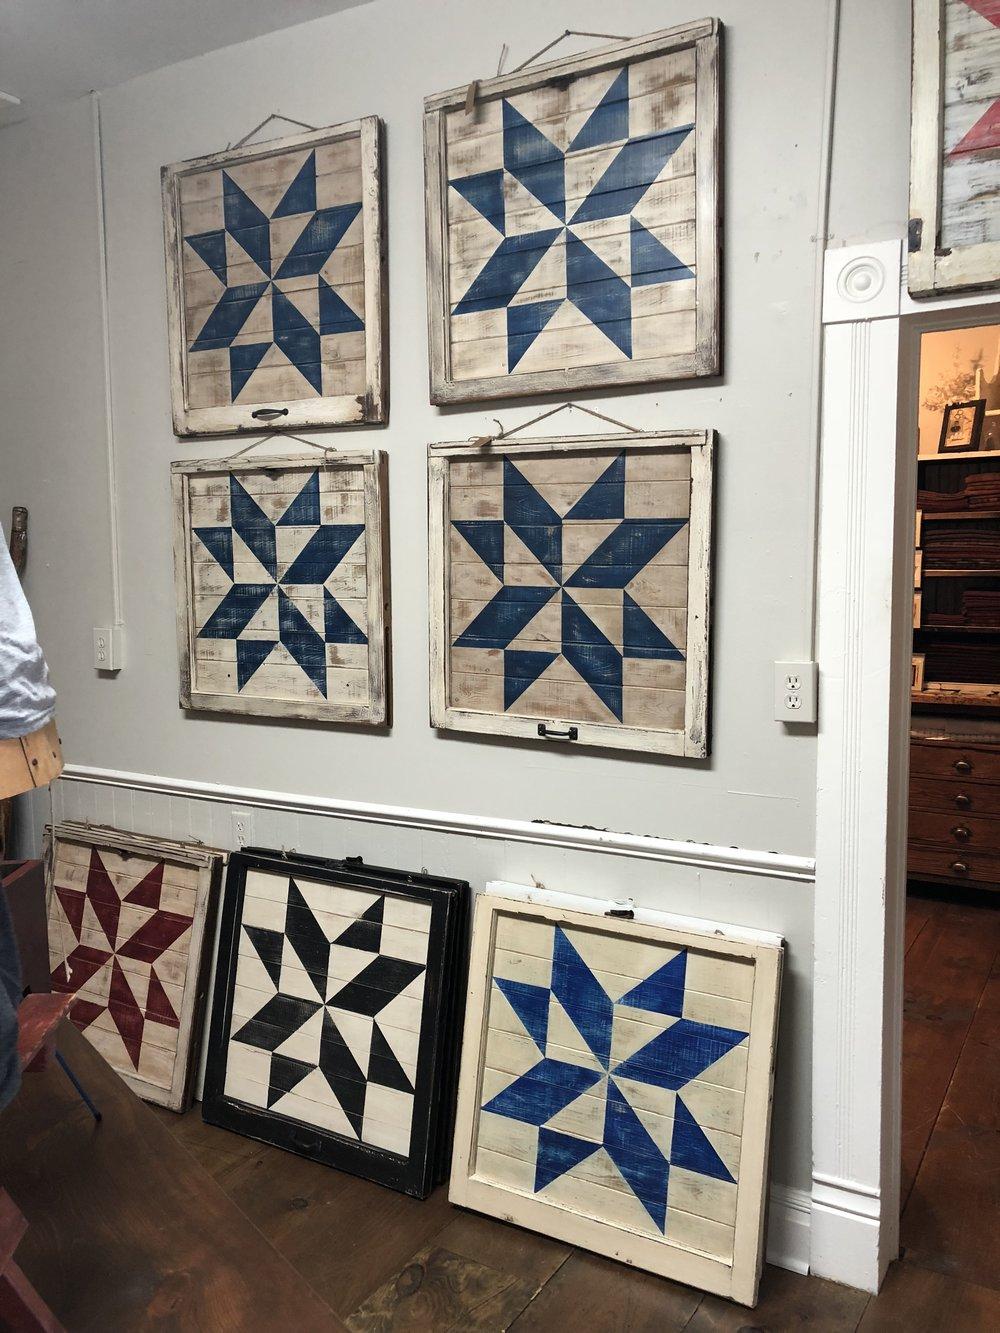 Quitled Wooden Blocks